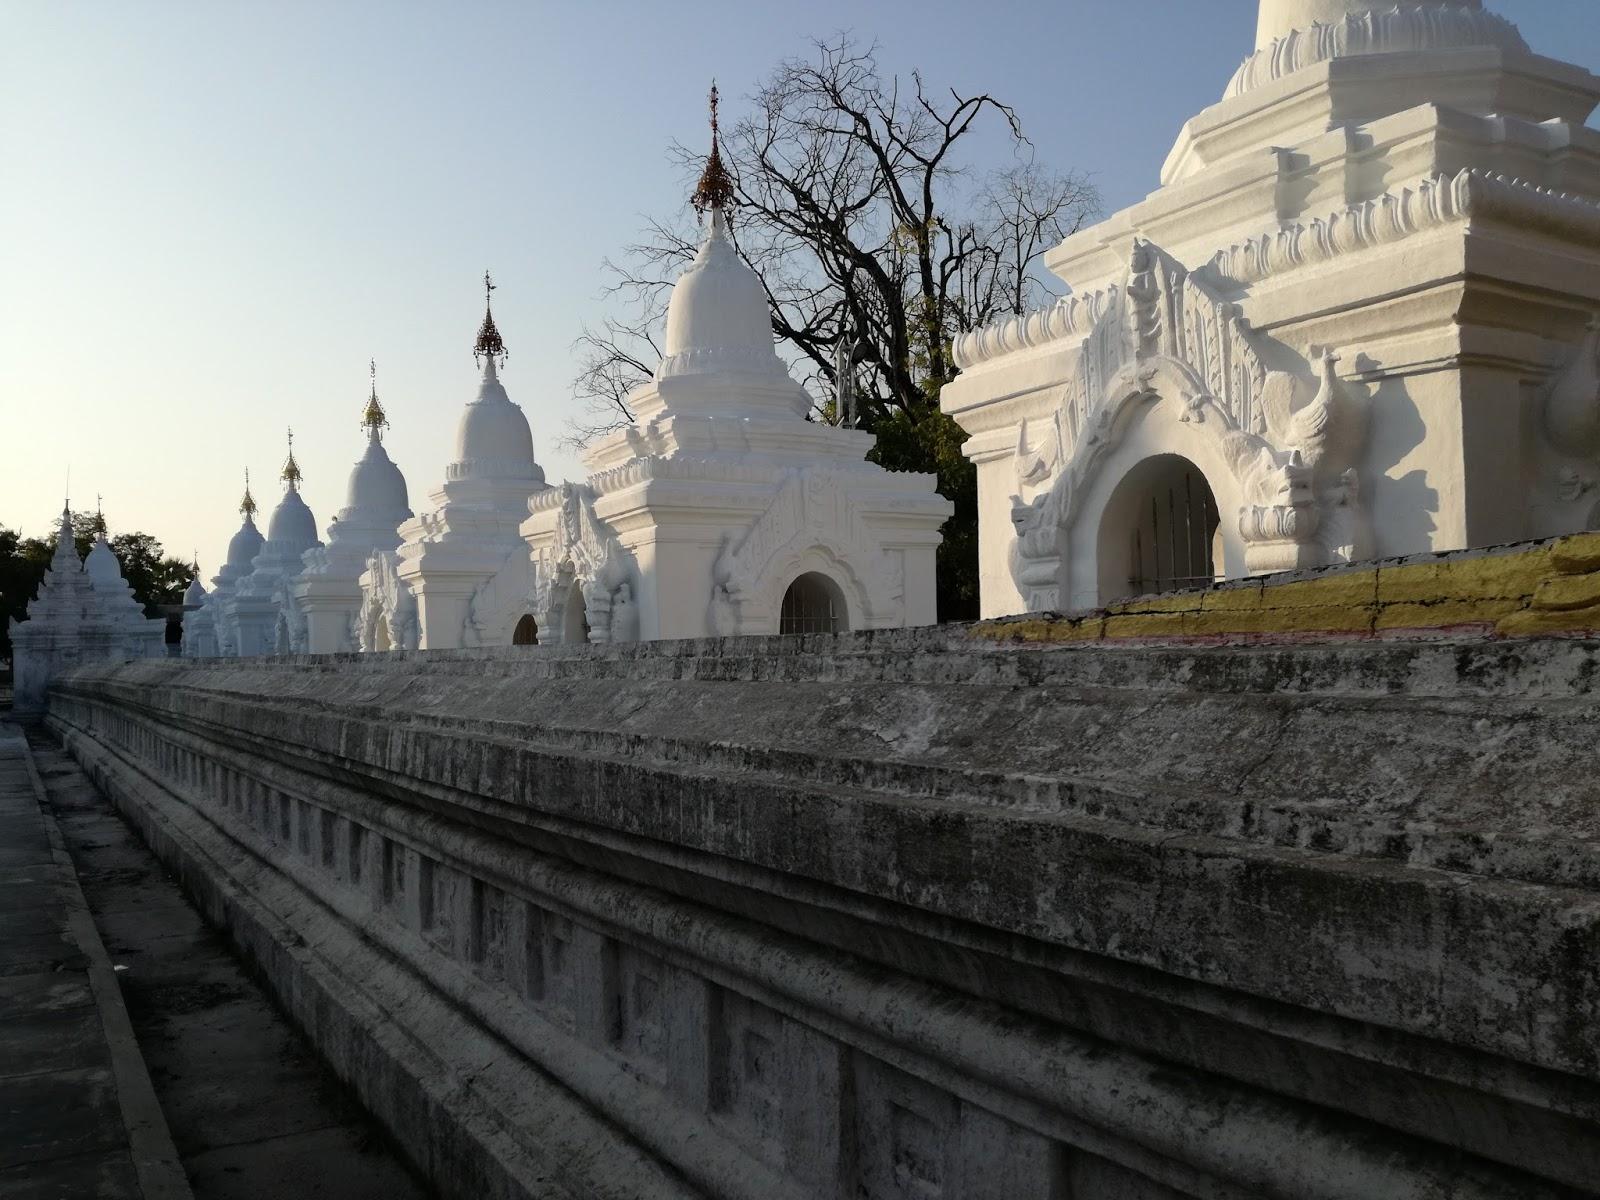 kuthodaw paya mandalay myanmar